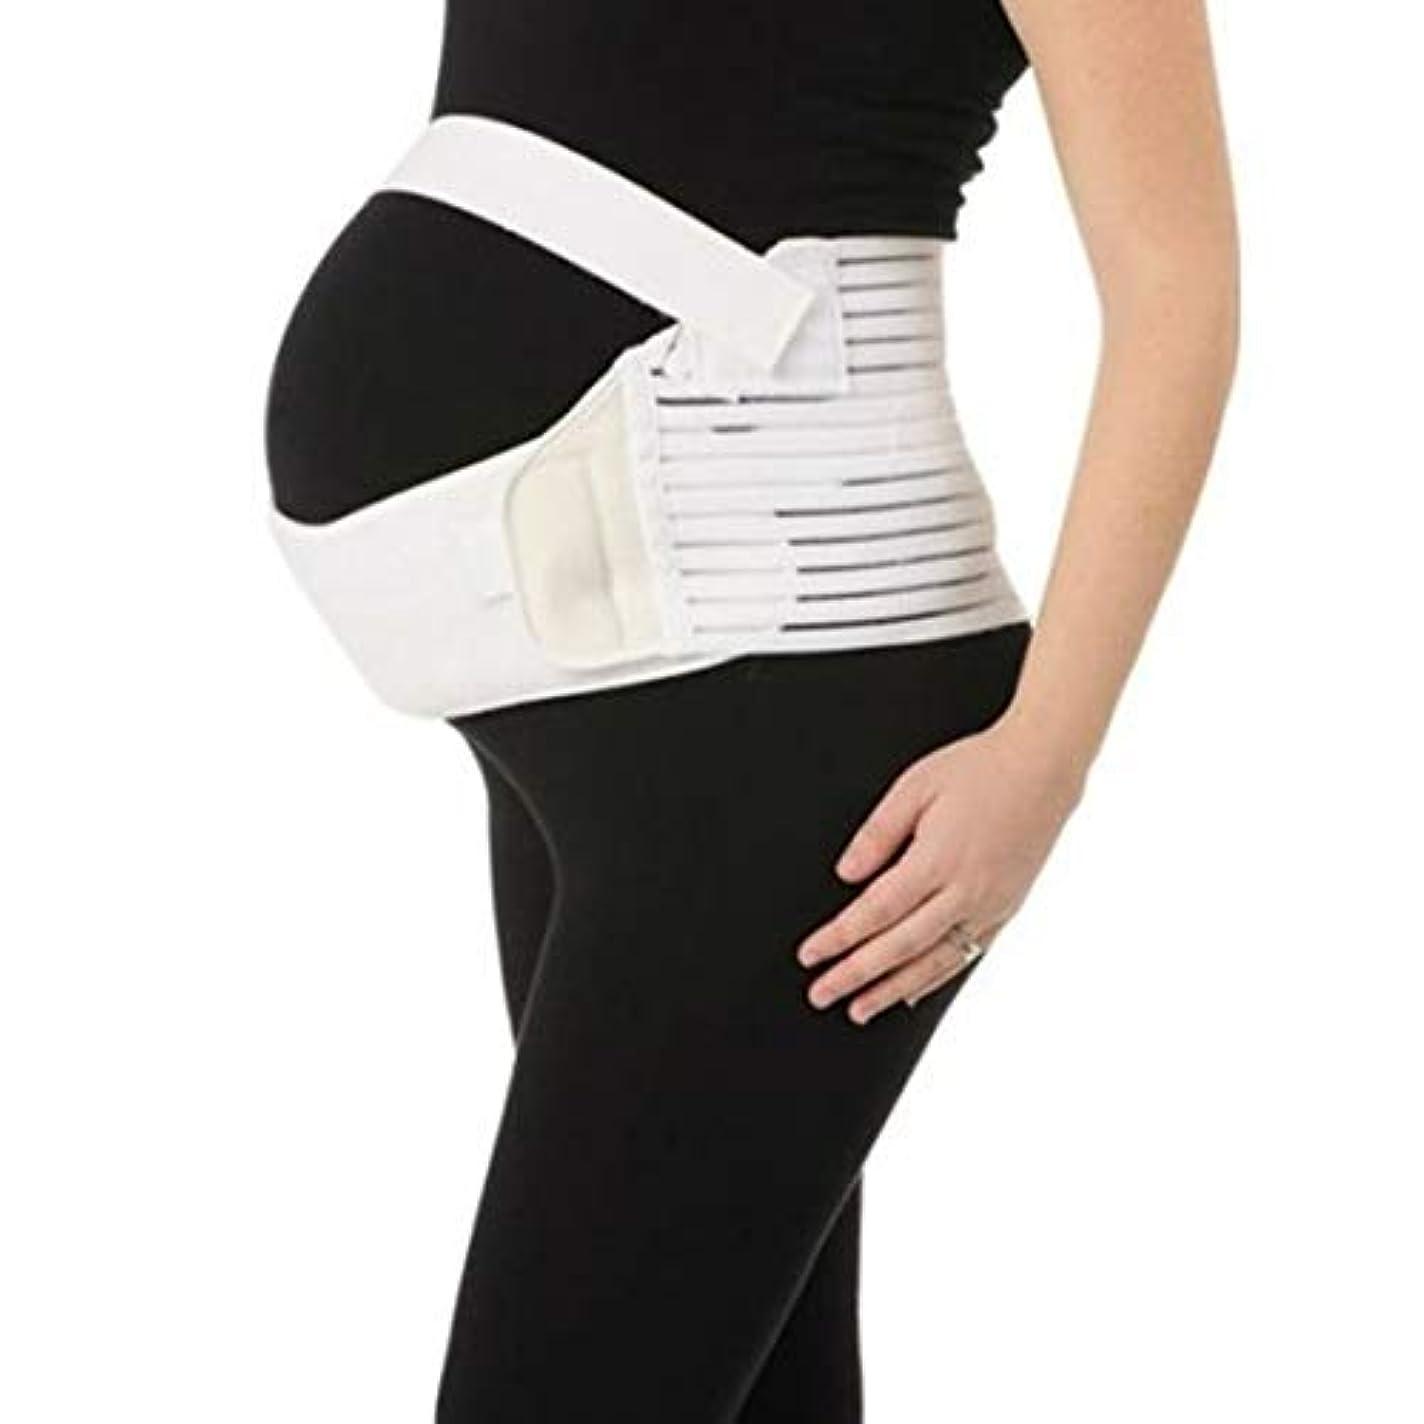 ロマンス暴行ケーブル通気性マタニティベルト妊娠腹部サポート腹部バインダーガードル運動包帯産後回復シェイプウェア (Panda) (色:黒)